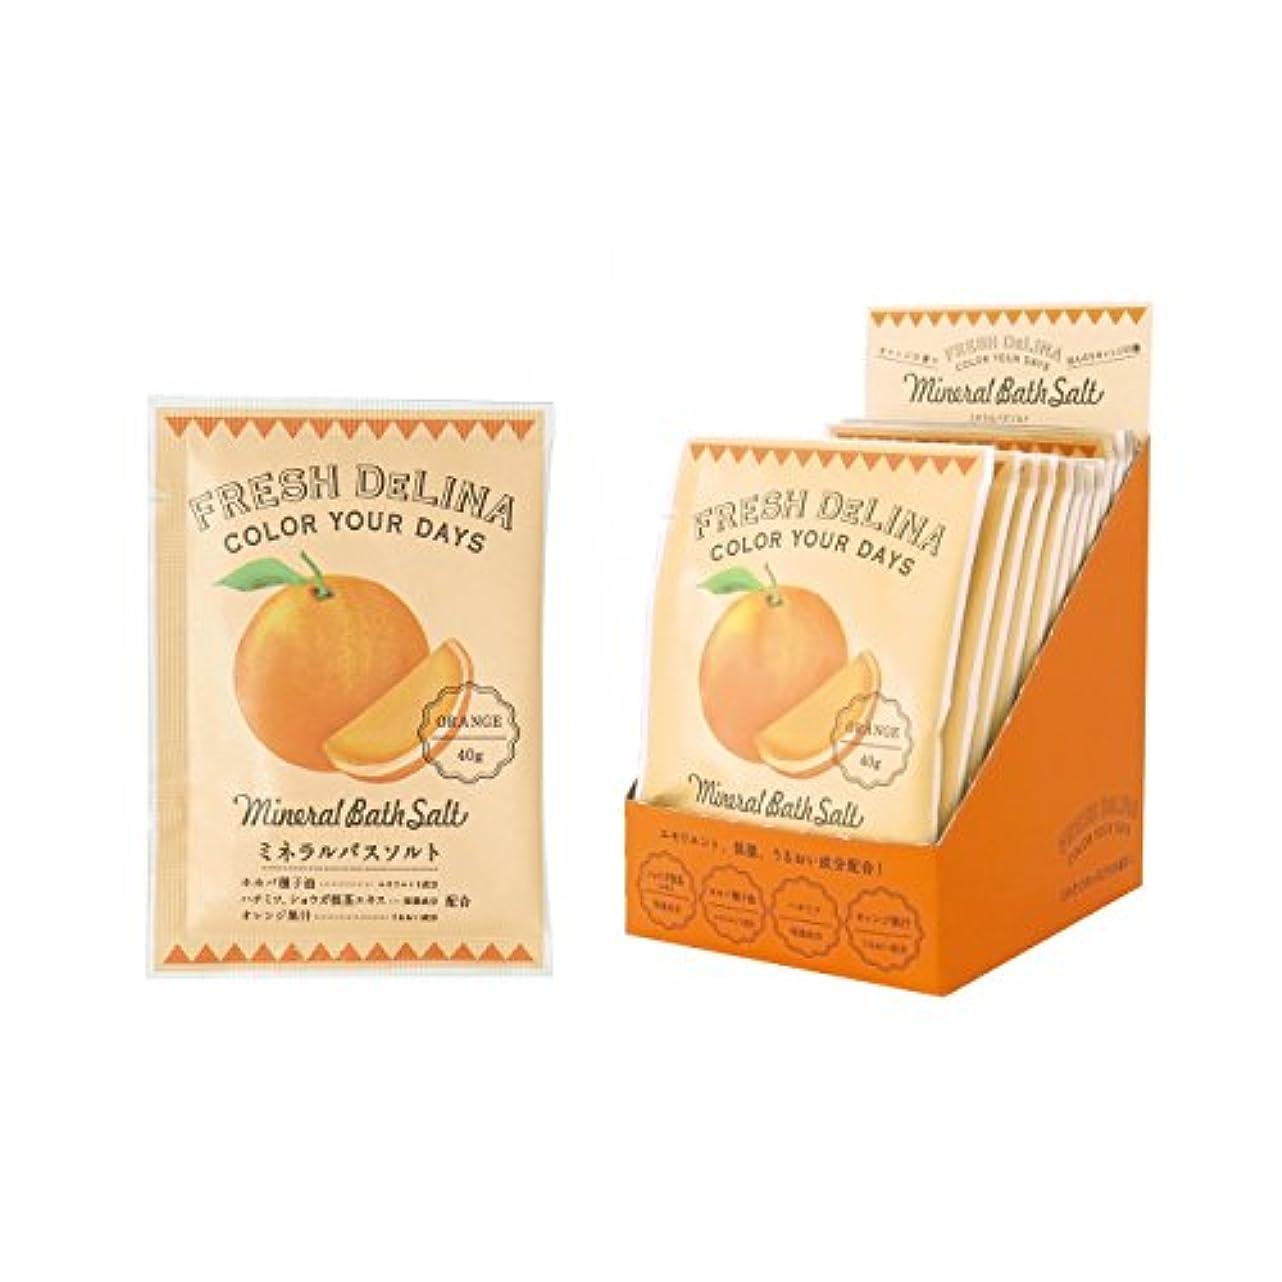 基礎初心者翻訳者フレッシュデリーナ ミネラルバスソルト40g(オレンジ) 12個 (海塩タイプ入浴料 日本製 フレッシュな柑橘系の香り)